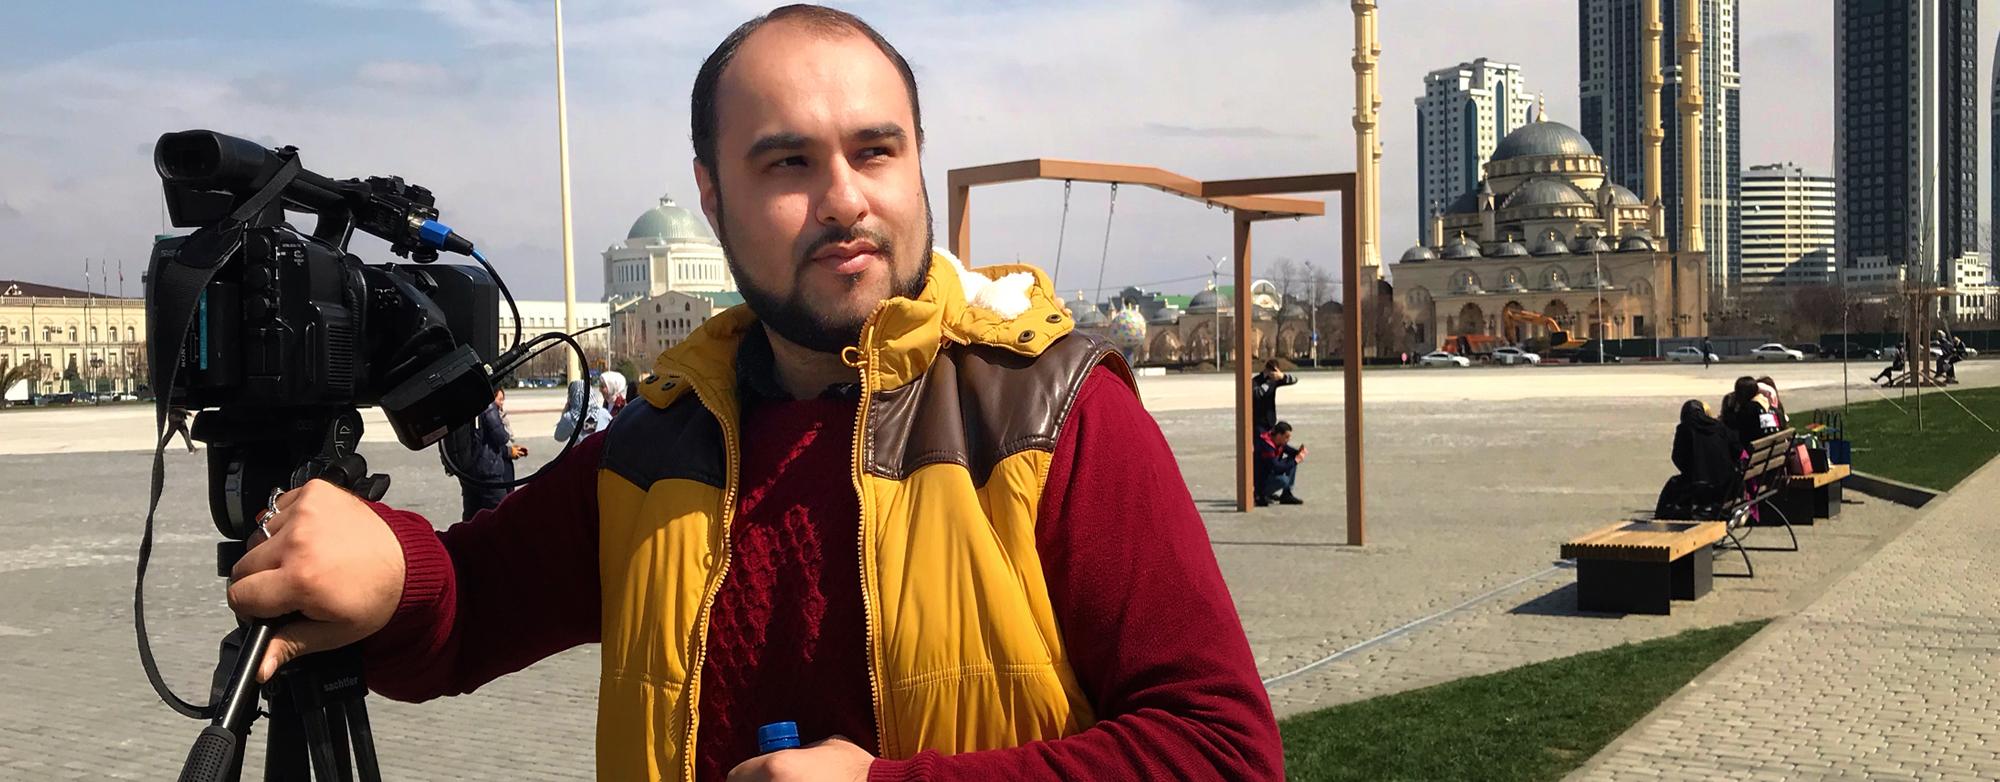 По секрету всему свету. Грозный | Хаял Муаззин | Иранский журналист и продюсер |